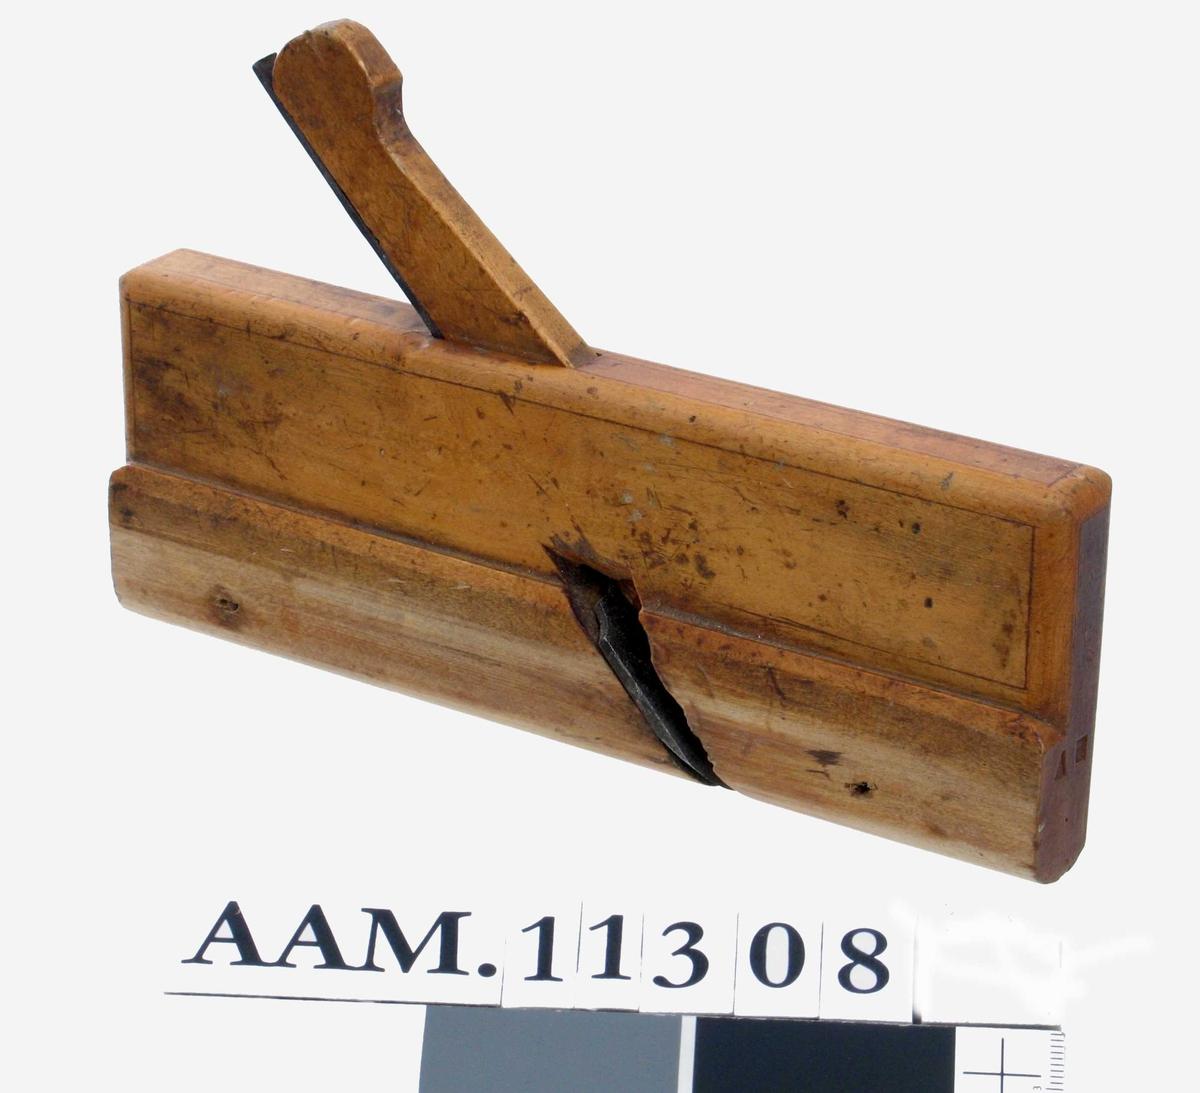 Høvel med rundet såle og jern,  smal avtrapning i siden, på kortsiden  st. AH.   Tilstand: slitt, men god.